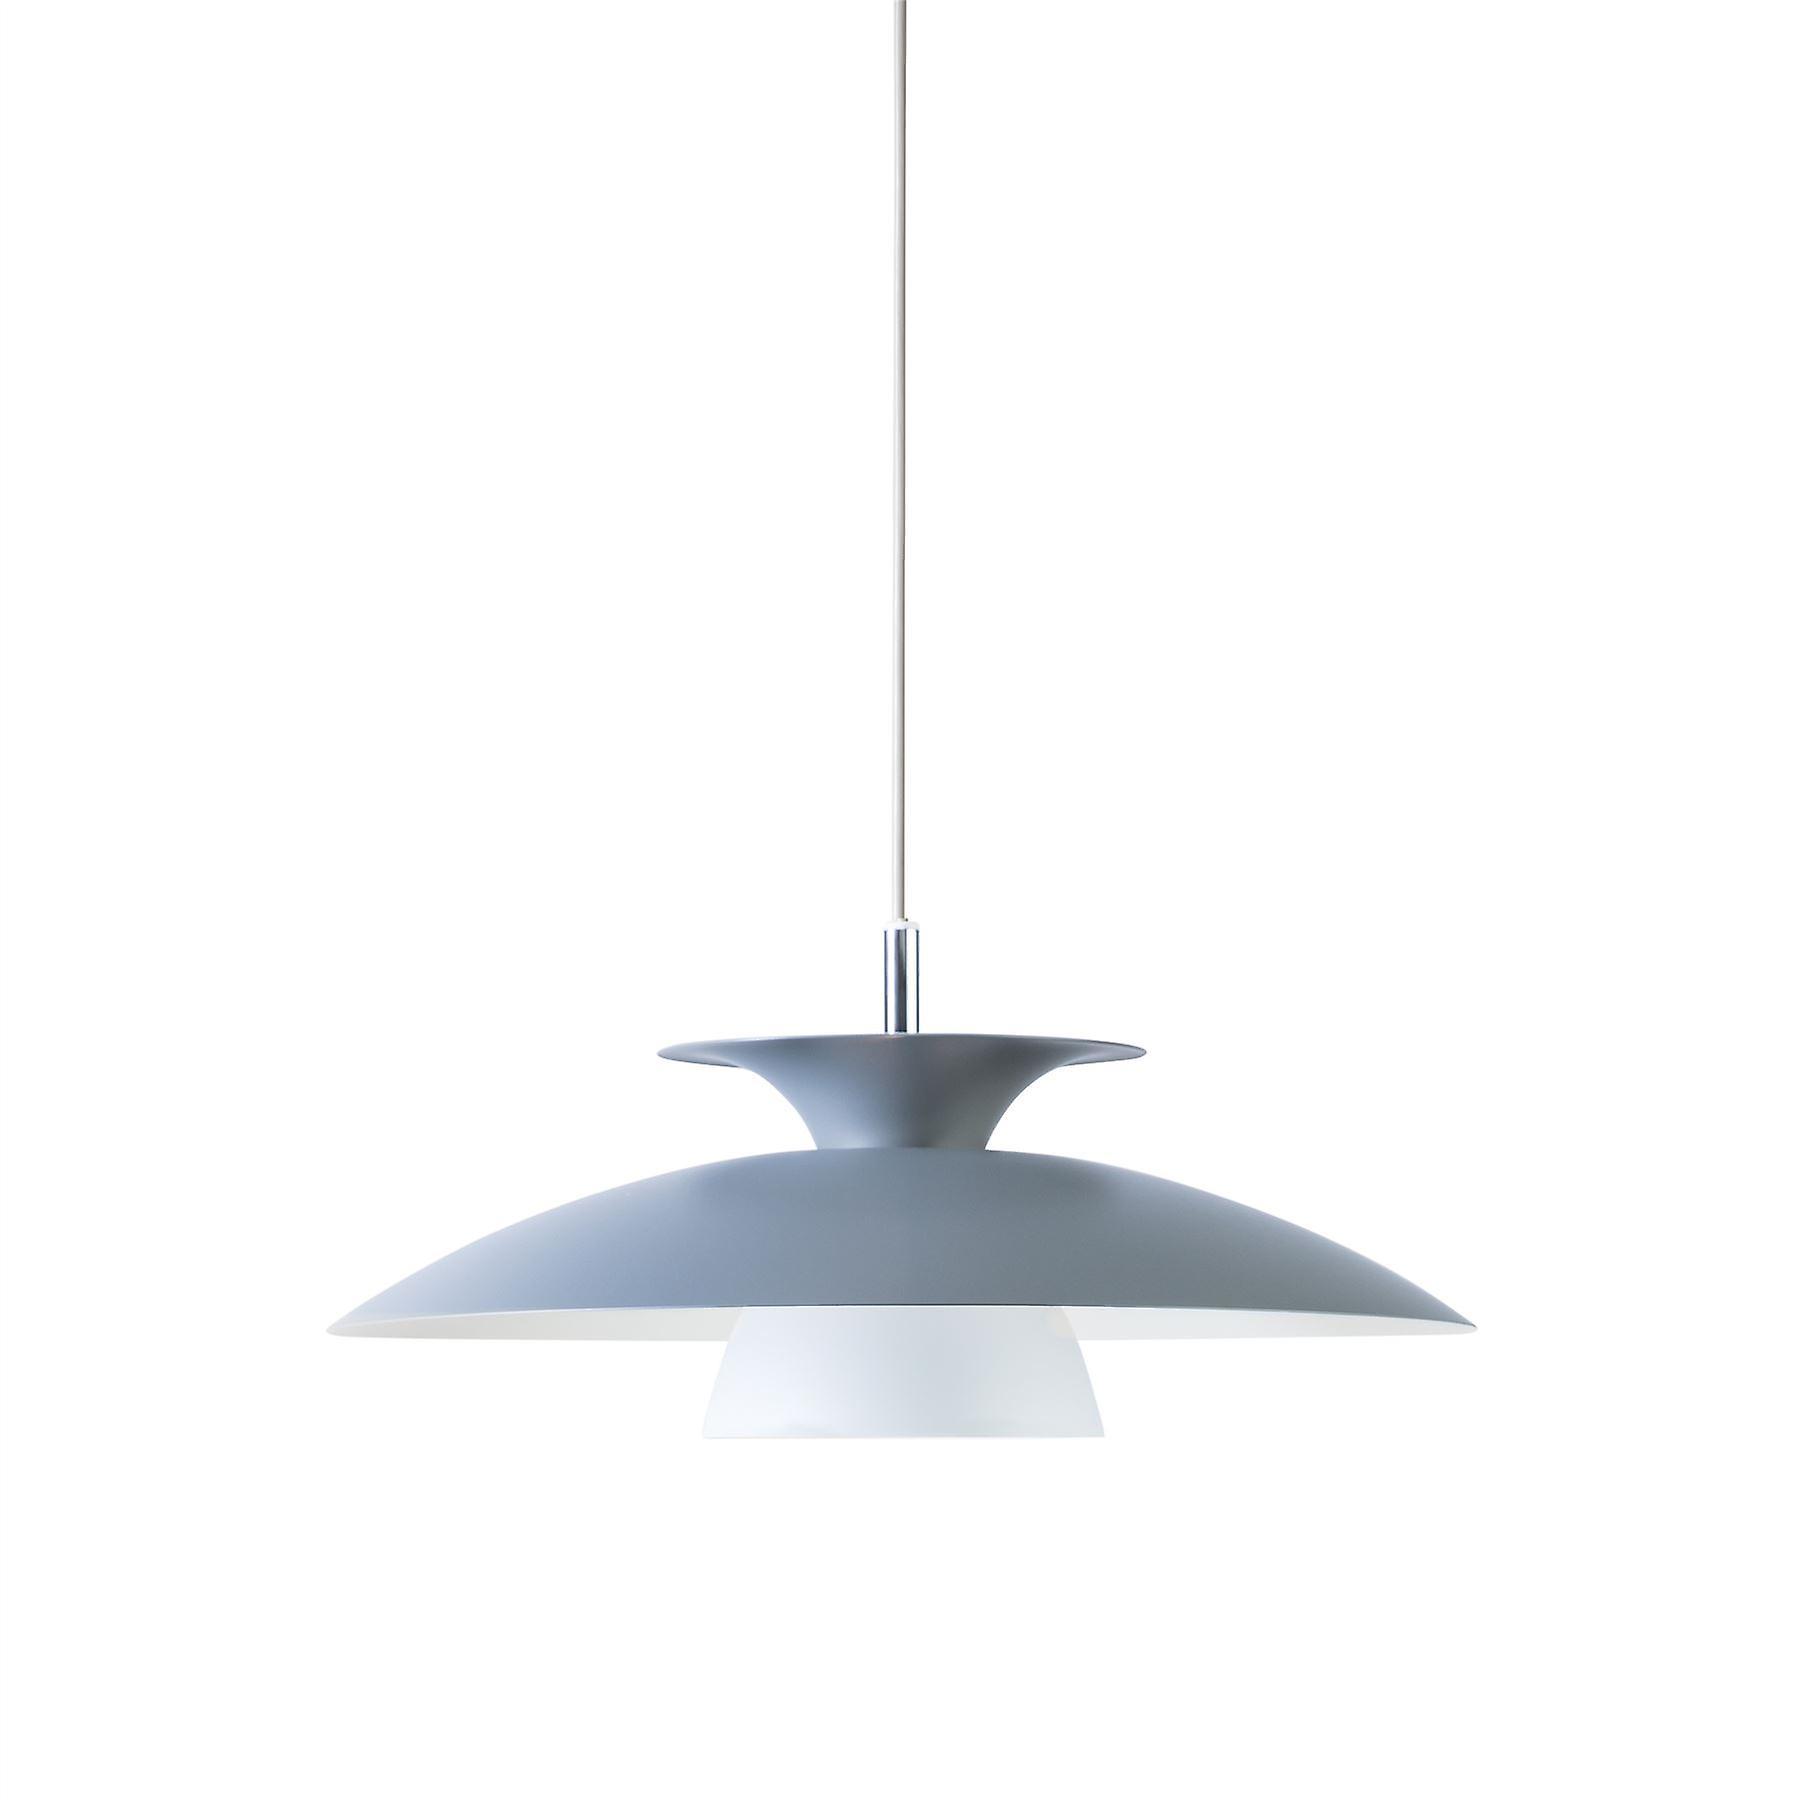 Belid - Polar LED Pendant Light Warm gris Finish 144255